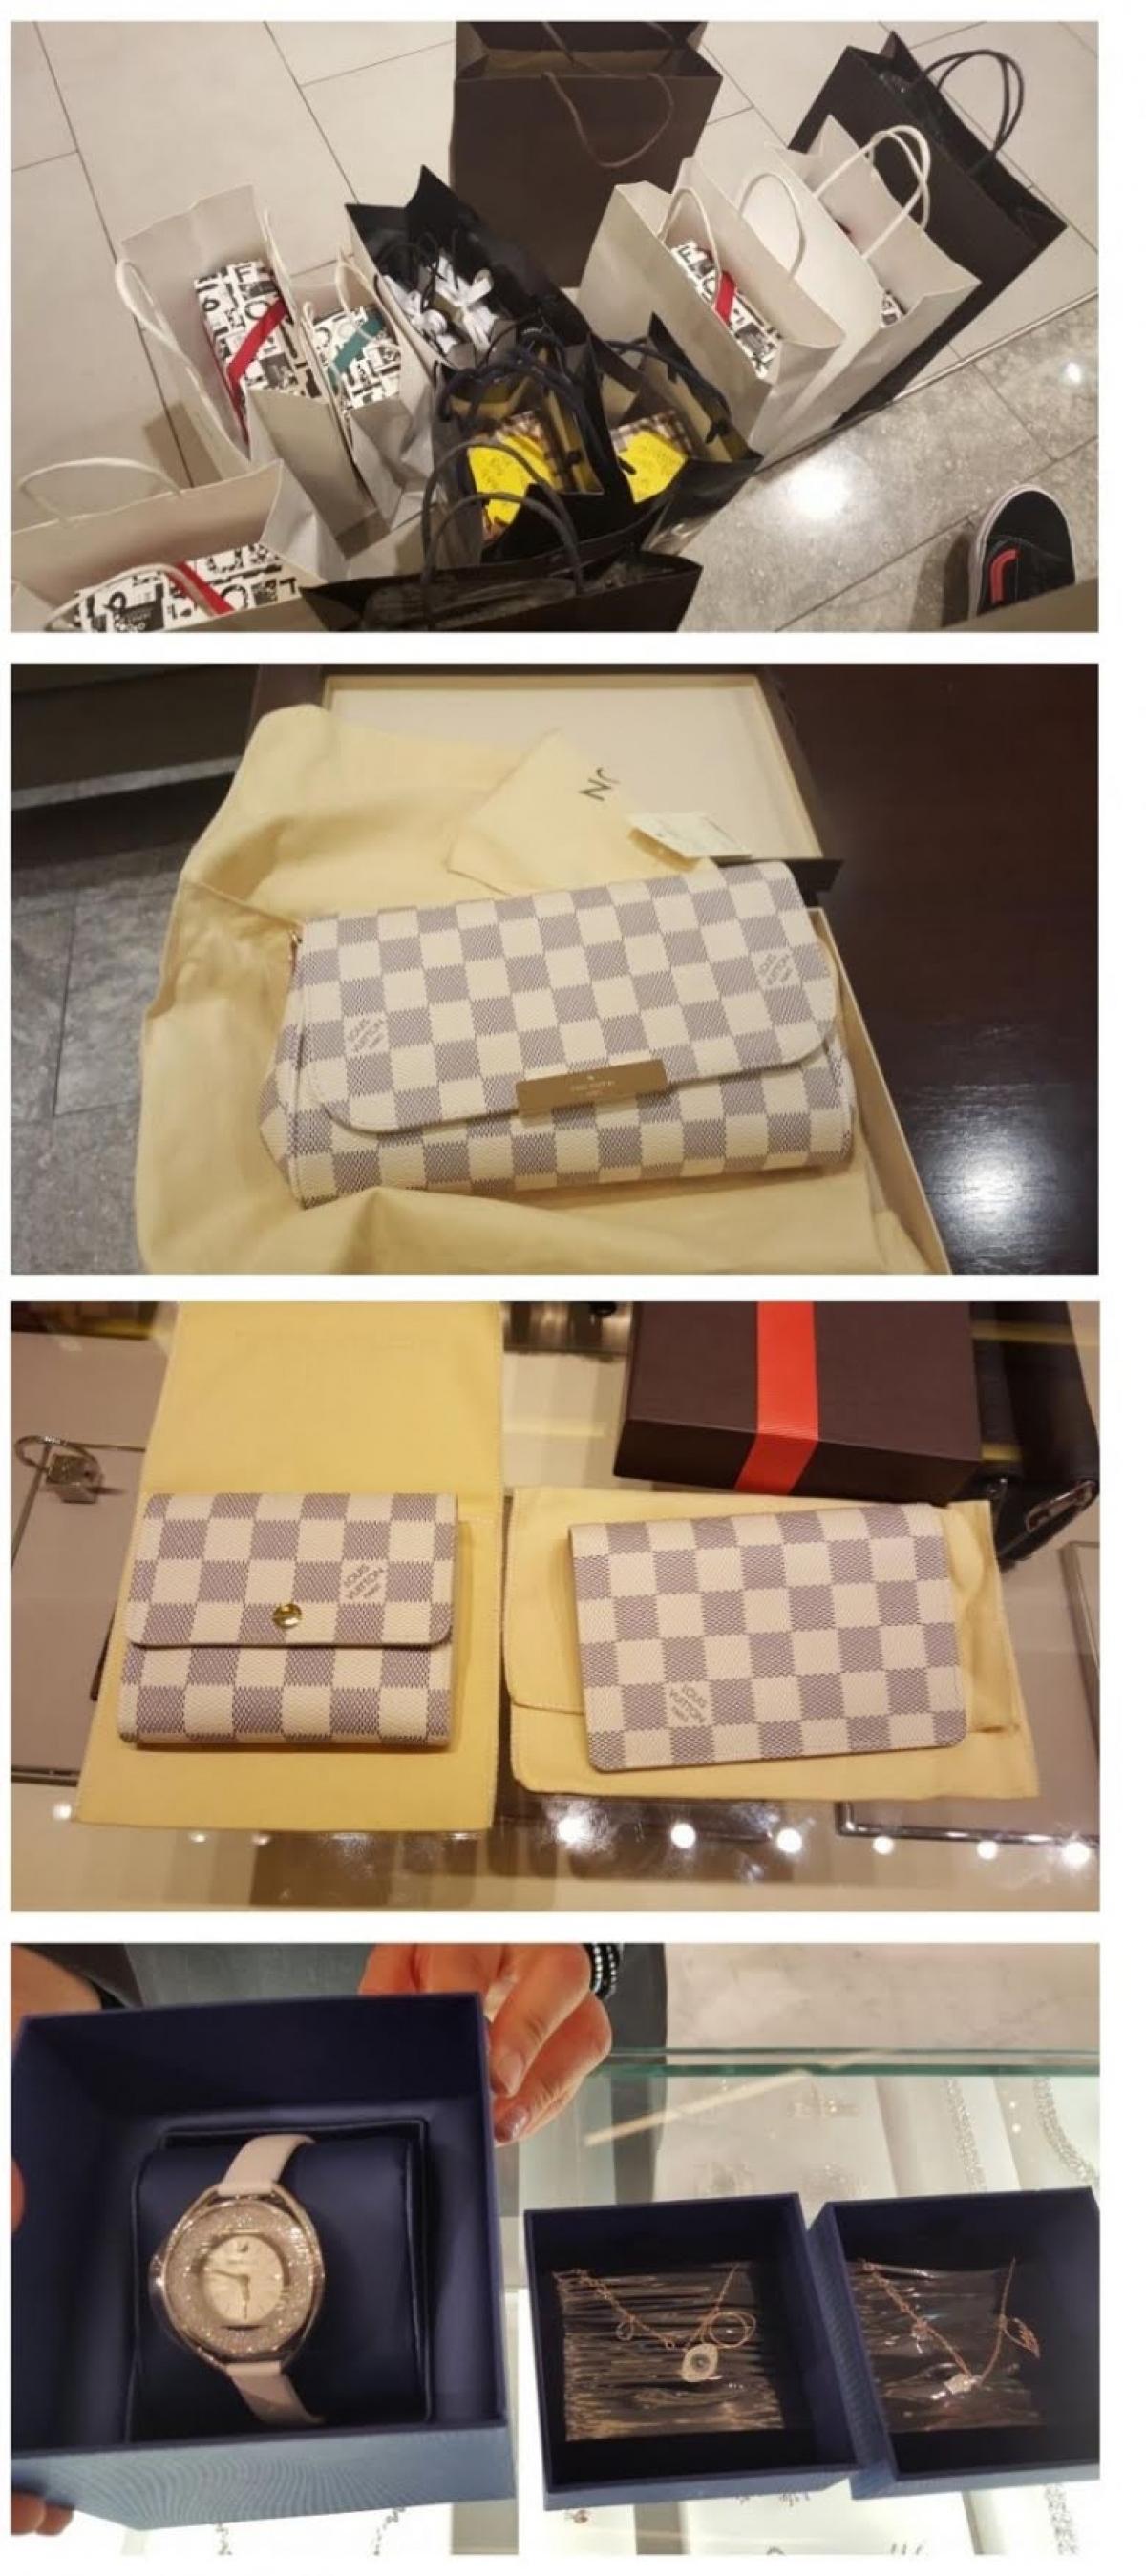 Chỉ 2 tháng sau khi TWICE ra mắt, vào dịp sinh nhật của mình, Sana đã nhận được những món quà đắt tiền như đồng hồ, ví và một chiếc túi xách trị giá tổng cộng khoảng 10.000 USD.